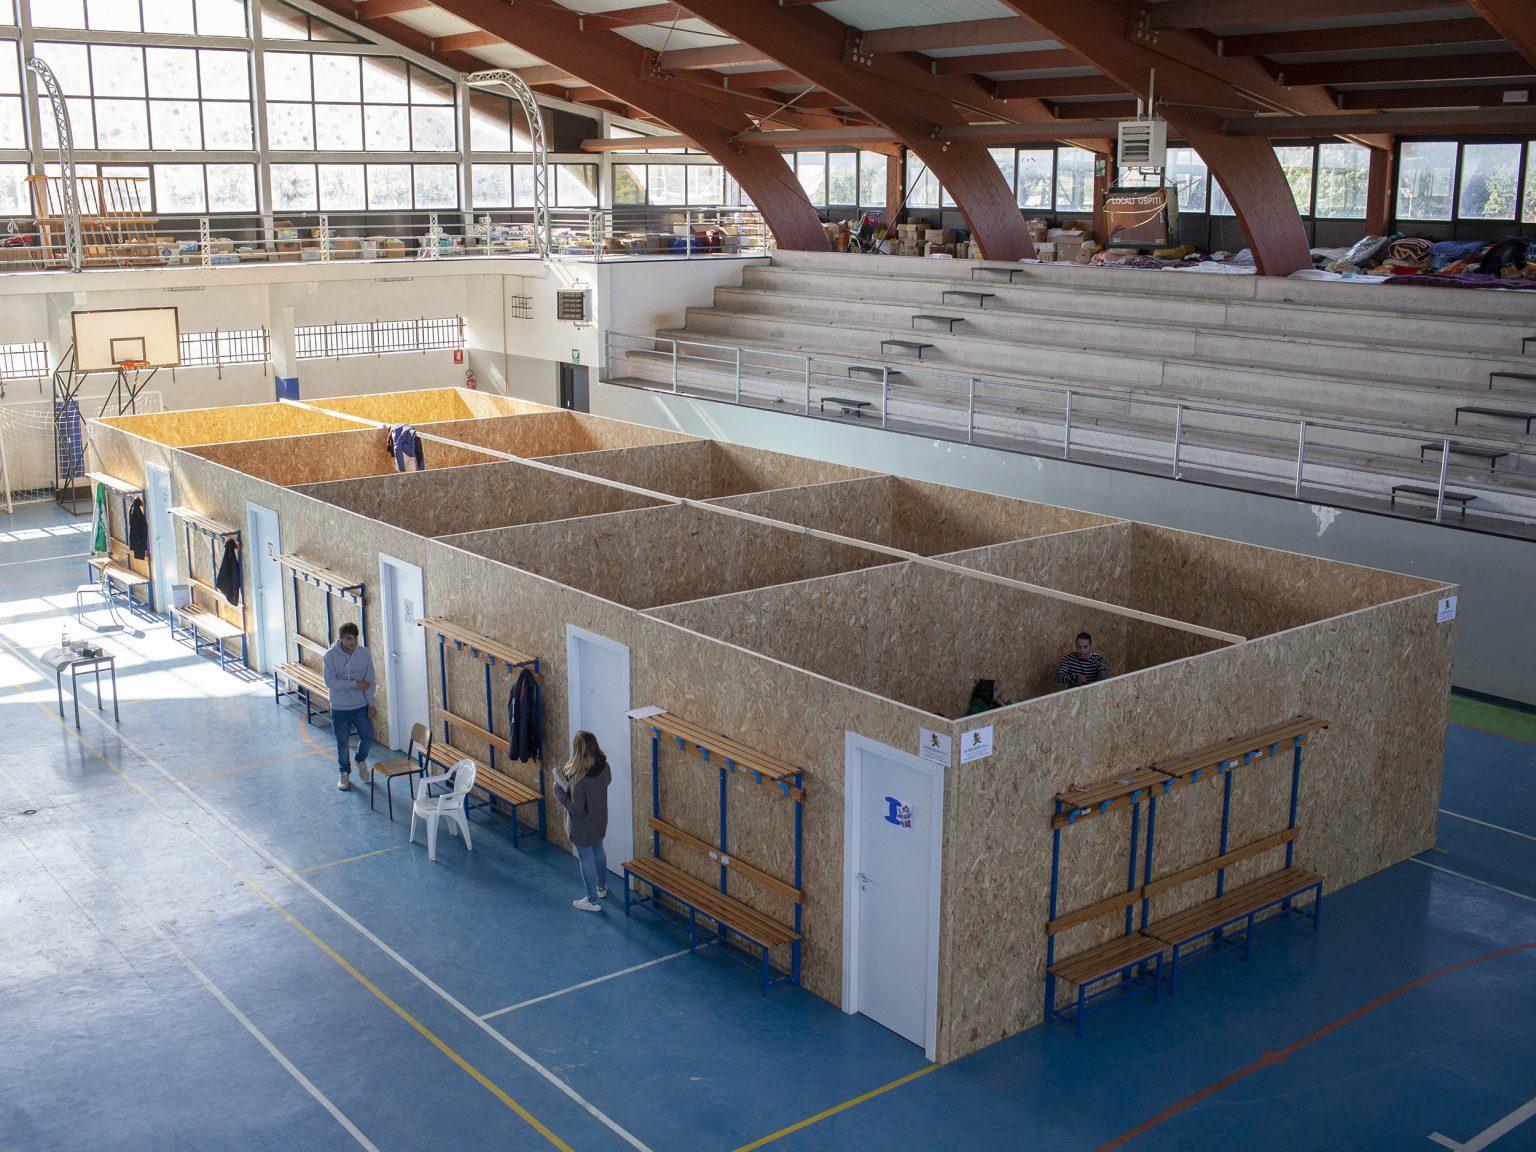 Amatrice, settembre 2016 Le aule temporanee del liceo di Amatrice allestite nel palazzetto sportivo.